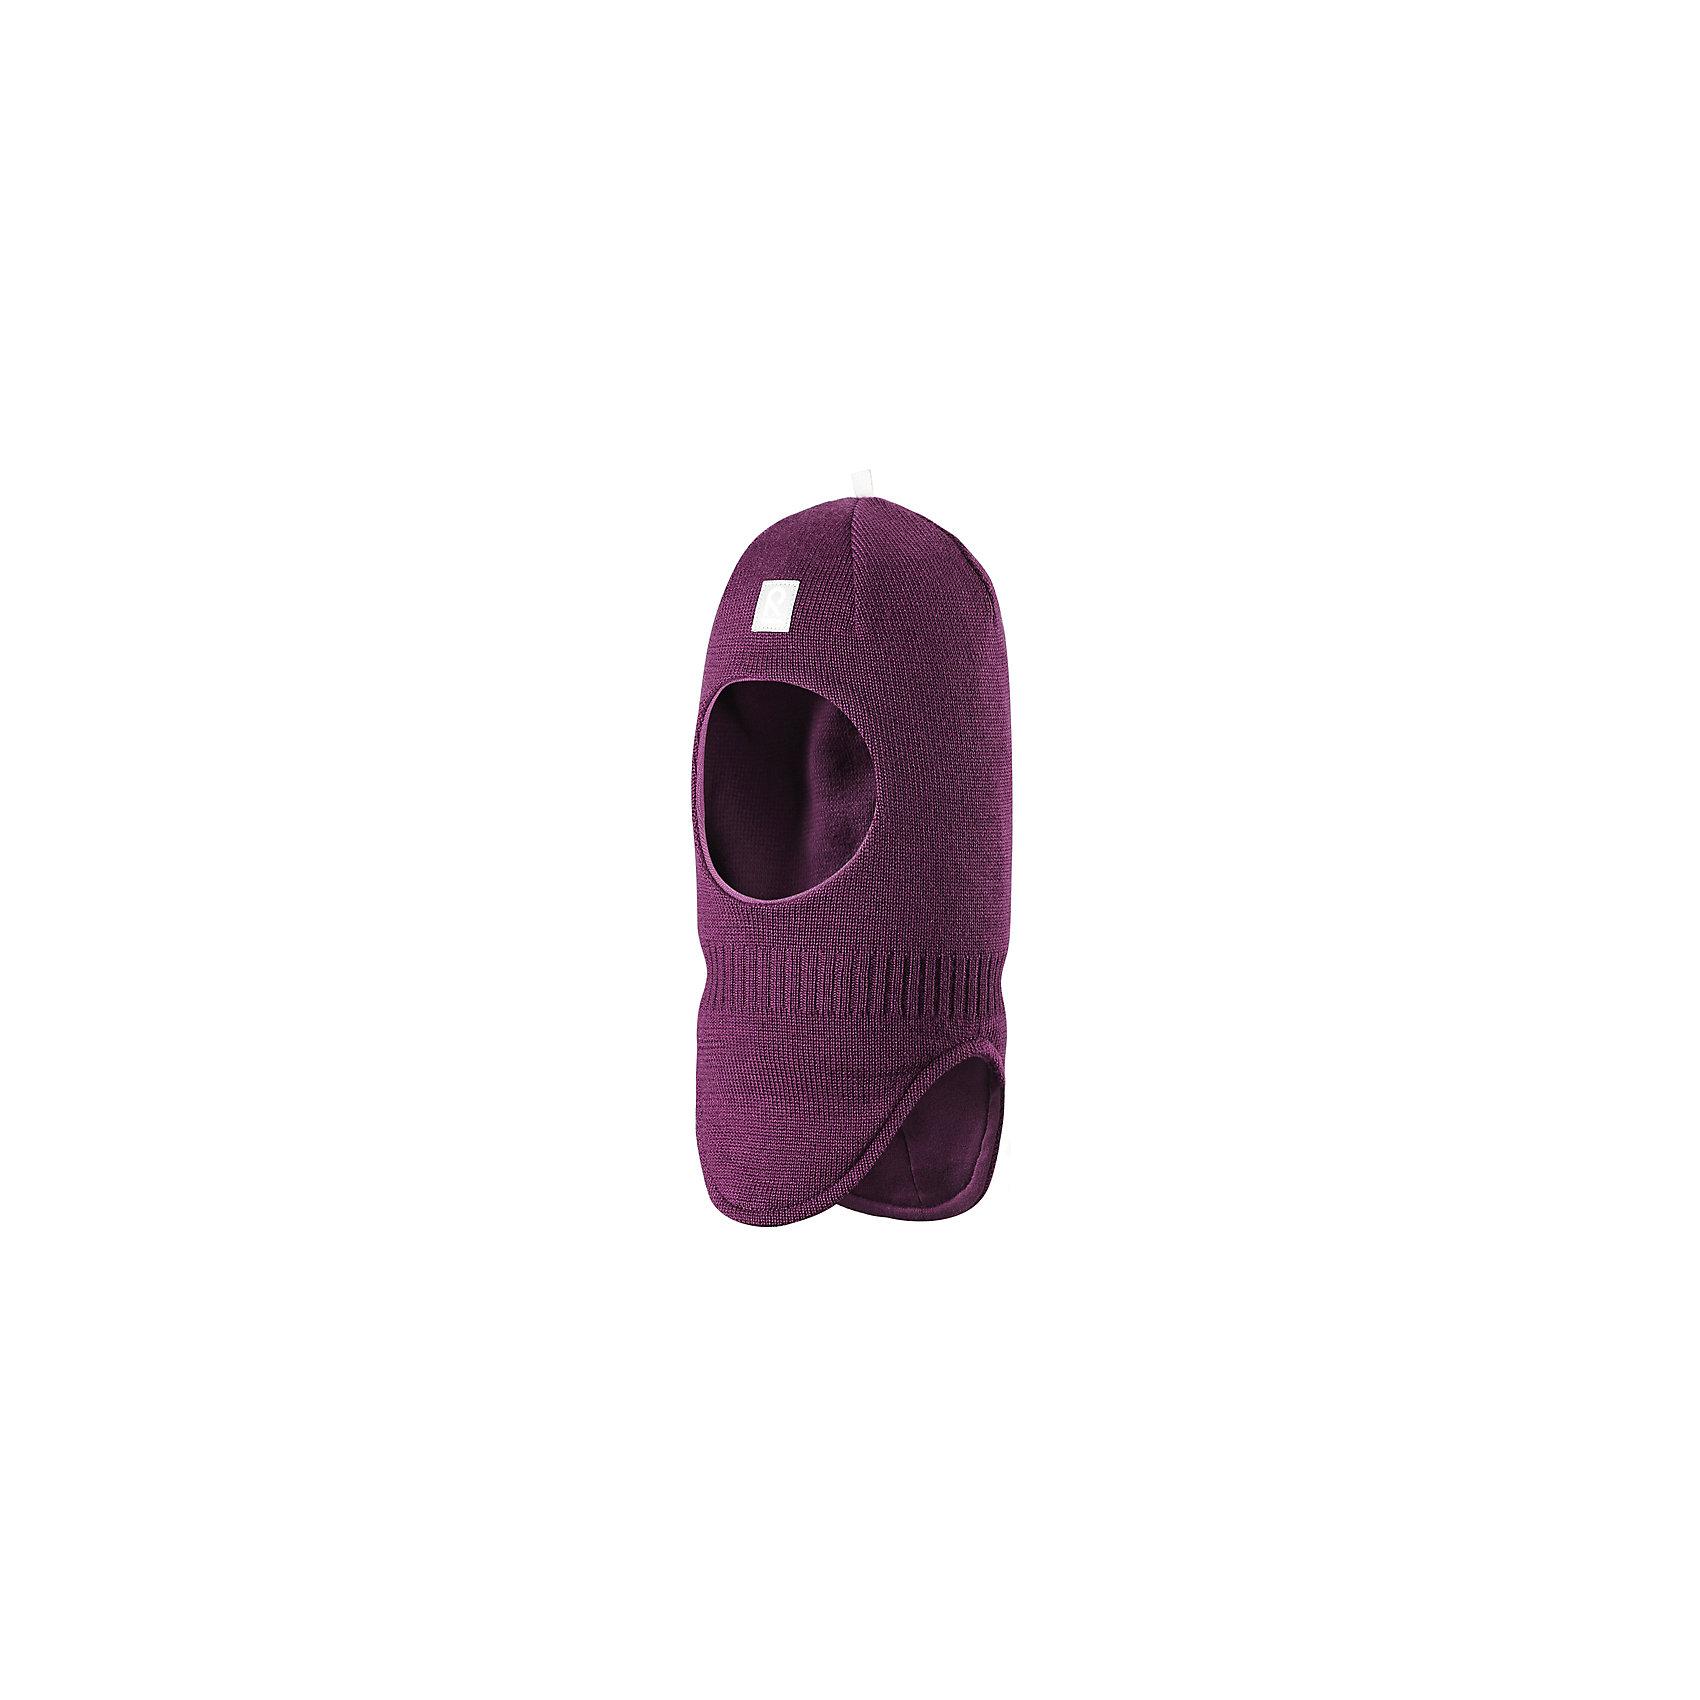 Шапка-шлем Starrie для девочки ReimaШапки и шарфы<br>Шапка  Reima<br>Шапка-шлем для малышей. Мягкая ткань из мериносовой шерсти для поддержания идеальной температуры тела. Теплая шерстяная вязка (волокно). Товар сертифицирован Oeko-Tex, класс 1, одежда для малышей. Ветронепроницаемые вставки в области ушей. Мягкая подкладка из хлопка и эластана. Светоотражающий элемент спереди.<br>Уход:<br>Стирать по отдельности, вывернув наизнанку. Придать первоначальную форму вo влажном виде. Возможна усадка 5 %.<br>Состав:<br>100% Шерсть<br><br>Ширина мм: 89<br>Глубина мм: 117<br>Высота мм: 44<br>Вес г: 155<br>Цвет: фиолетовый<br>Возраст от месяцев: 18<br>Возраст до месяцев: 36<br>Пол: Женский<br>Возраст: Детский<br>Размер: 50,52,46,54,48<br>SKU: 4775672